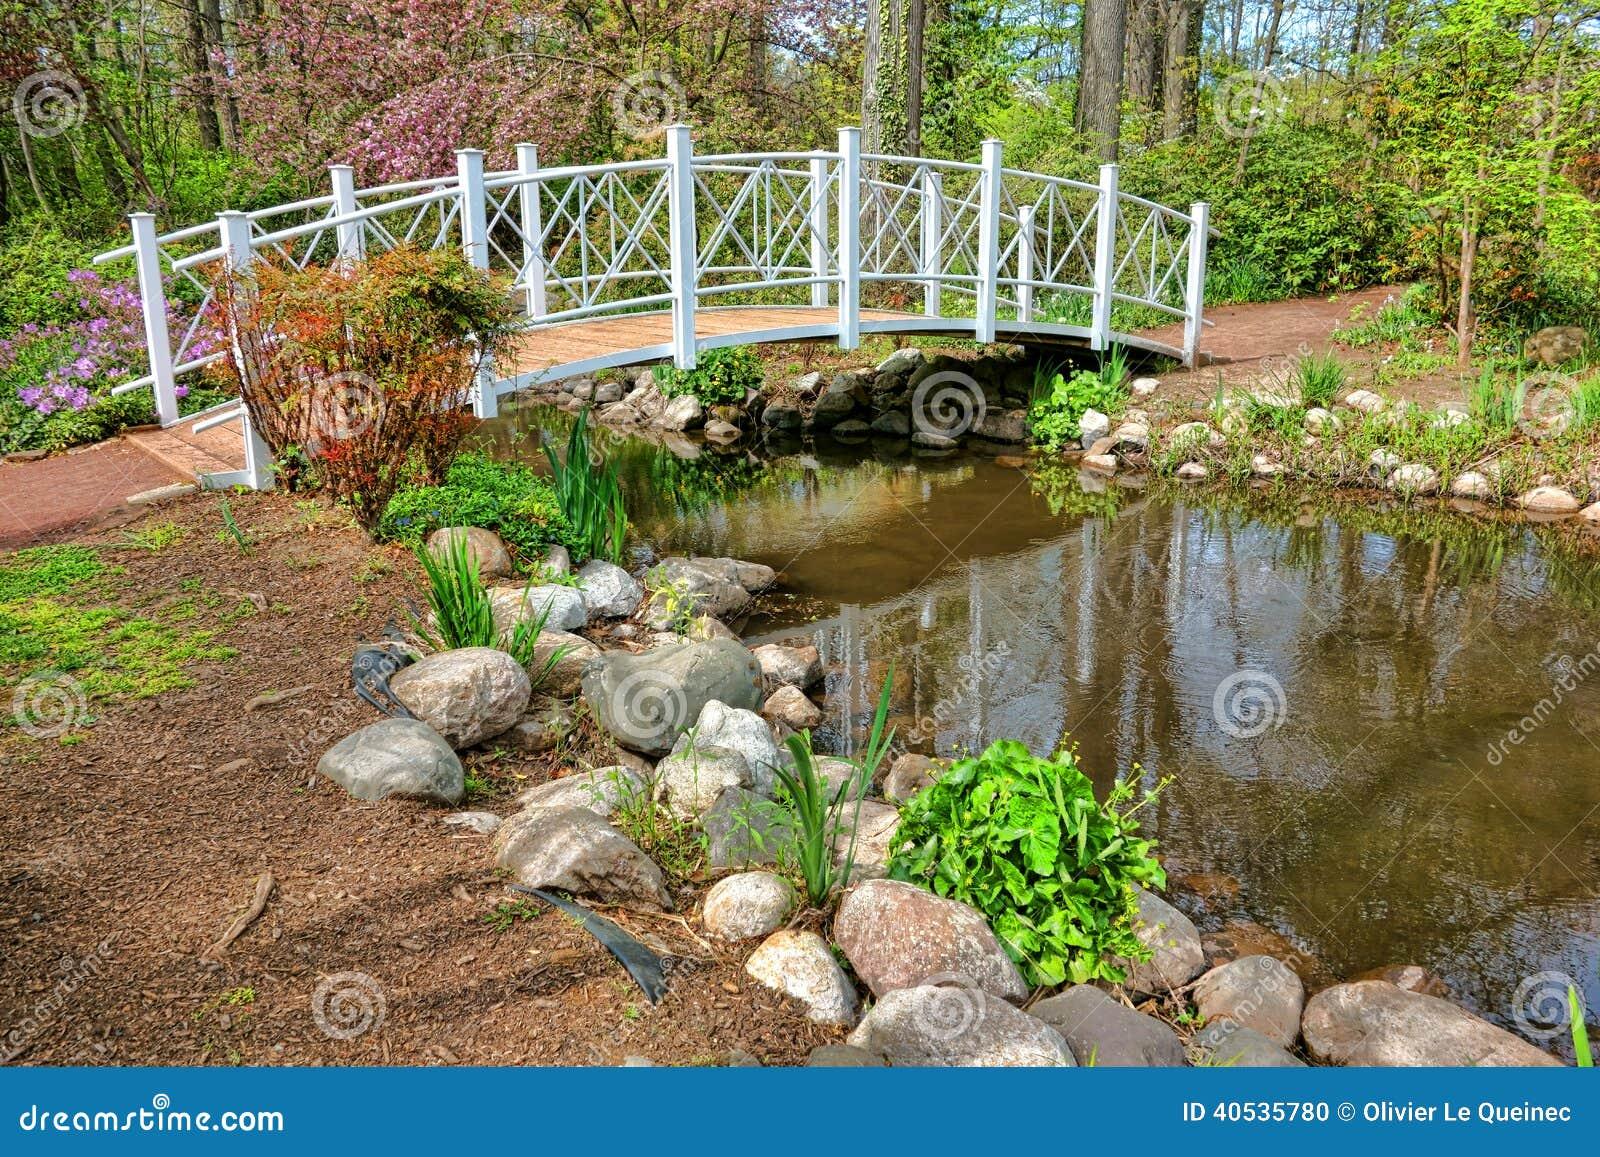 spring garden bridge park - photo #34